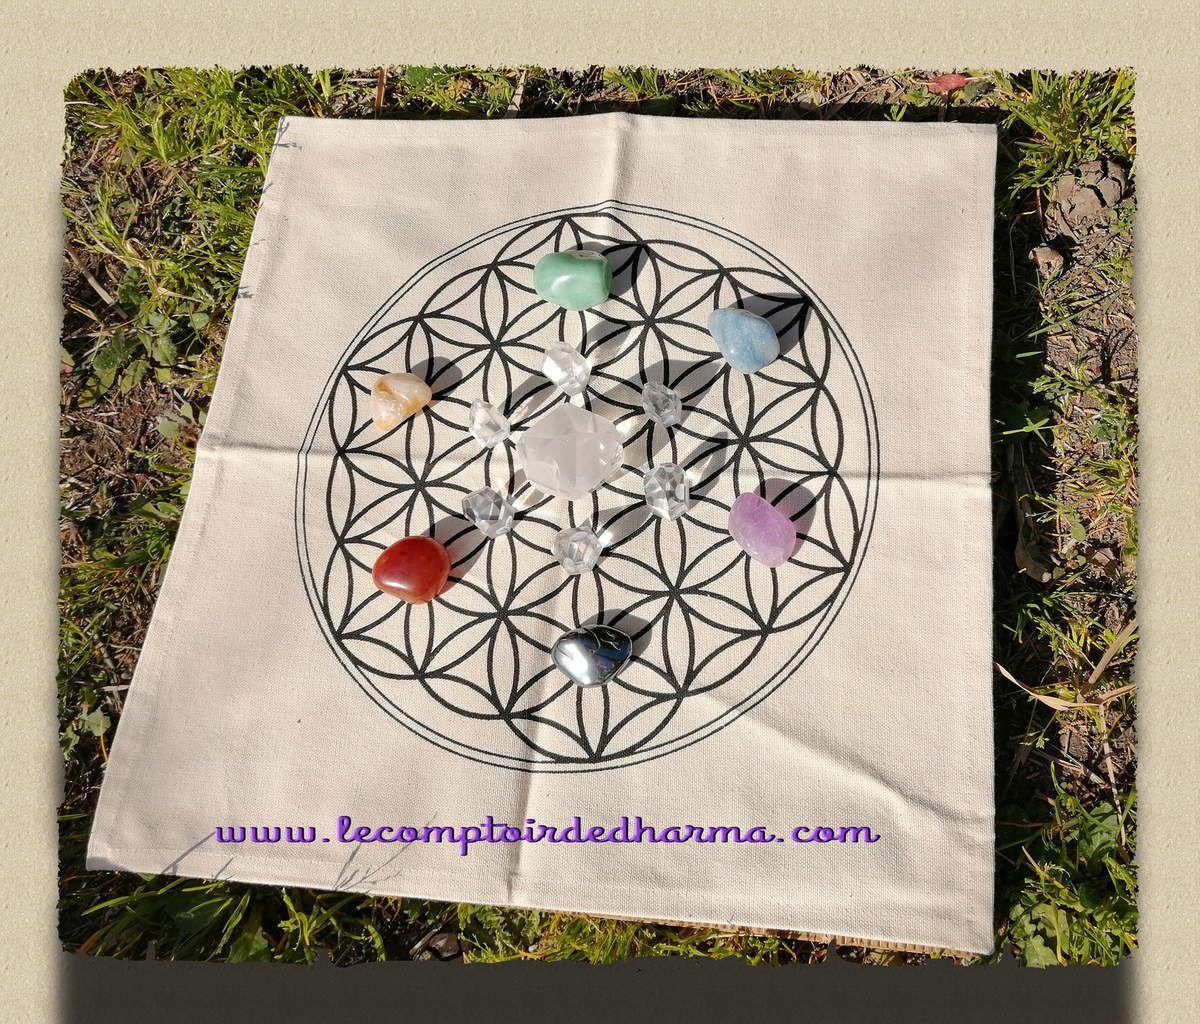 exemple de positionnement de pierres sur la fleur de vie